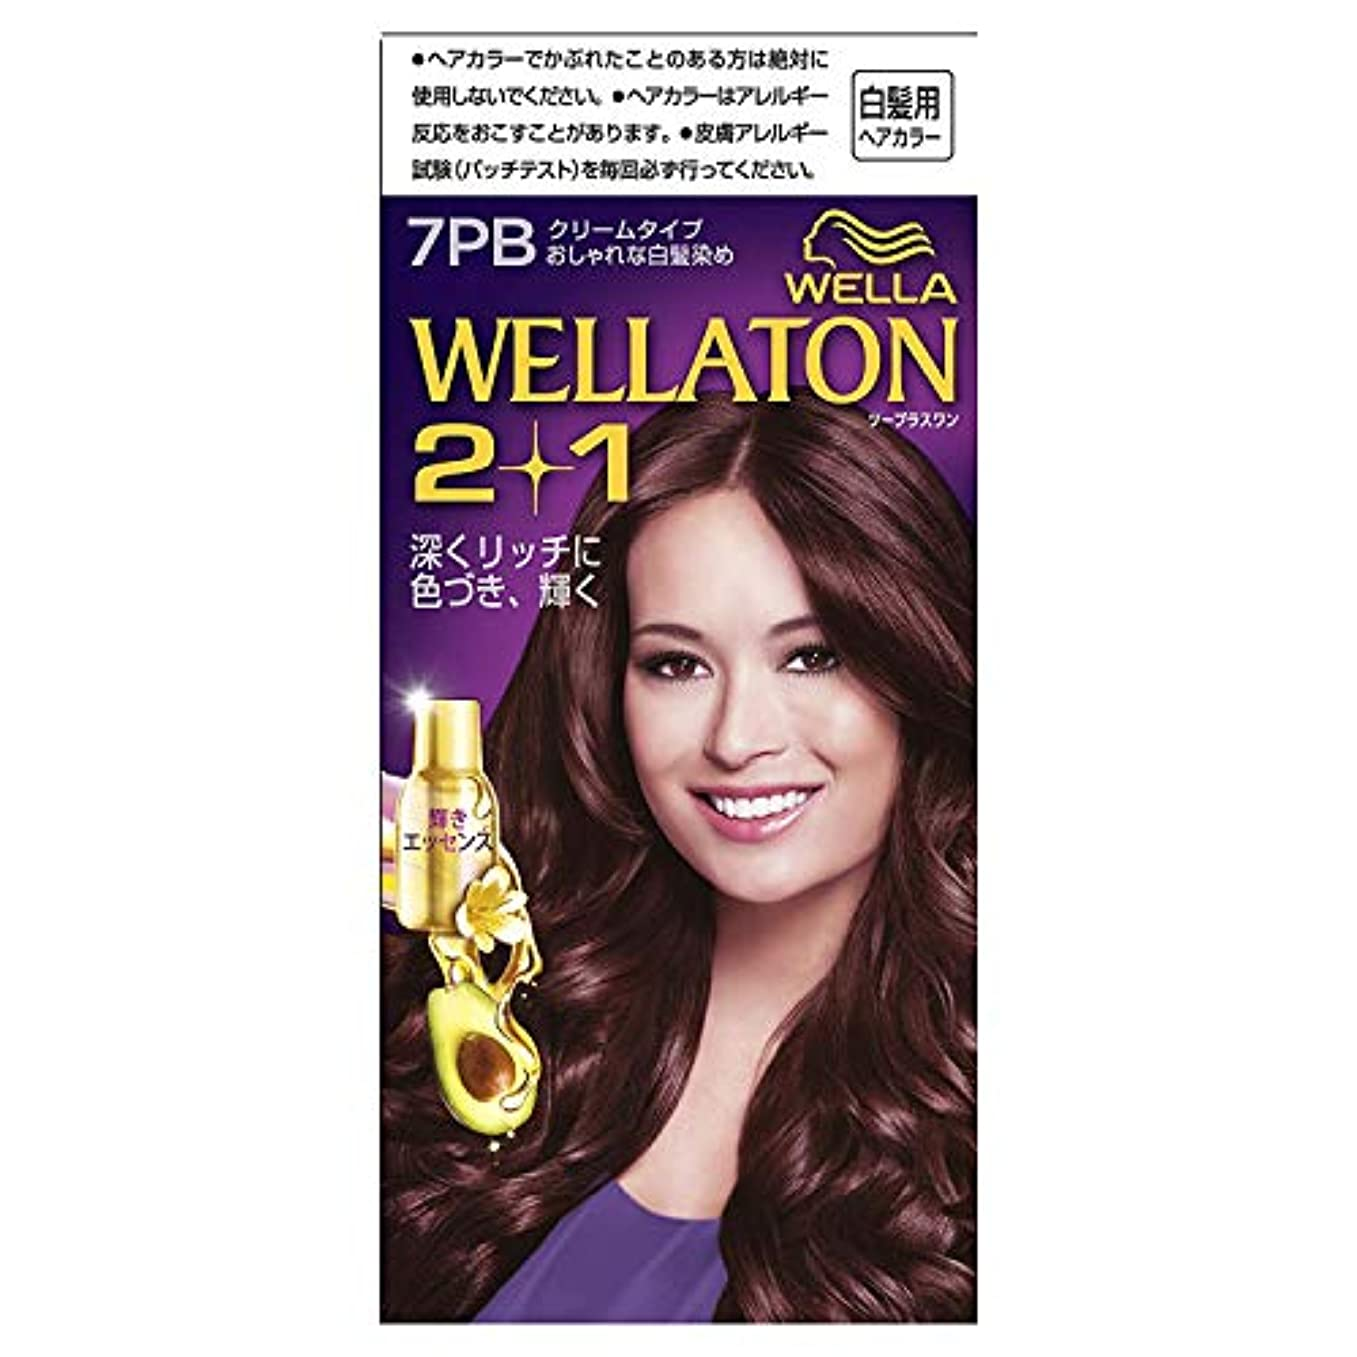 マトンロマンチック称賛ウエラトーン2+1 白髪染め クリームタイプ 7PB [医薬部外品] ×6個